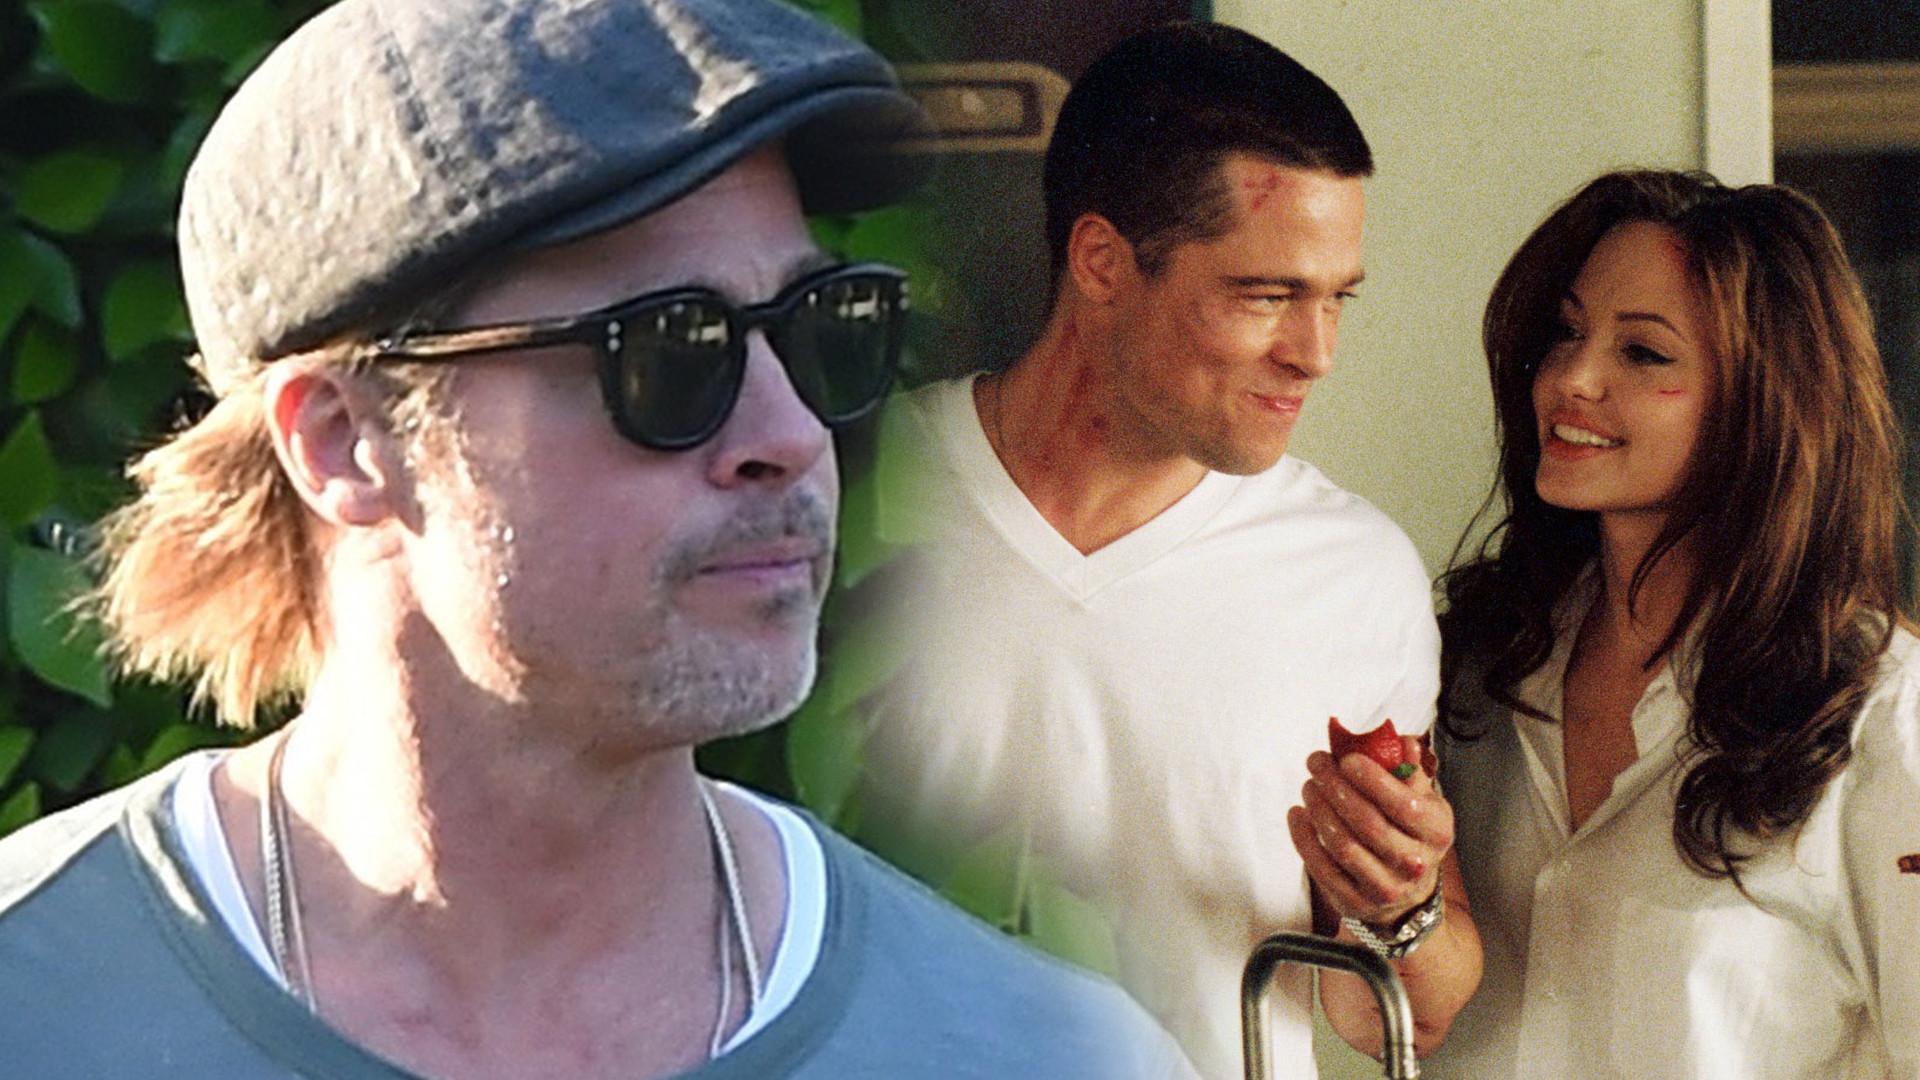 Brad Pitt opowiada o terapii AA – po rozstaniu z Jolie leczył się półtora roku z alkoholizmu